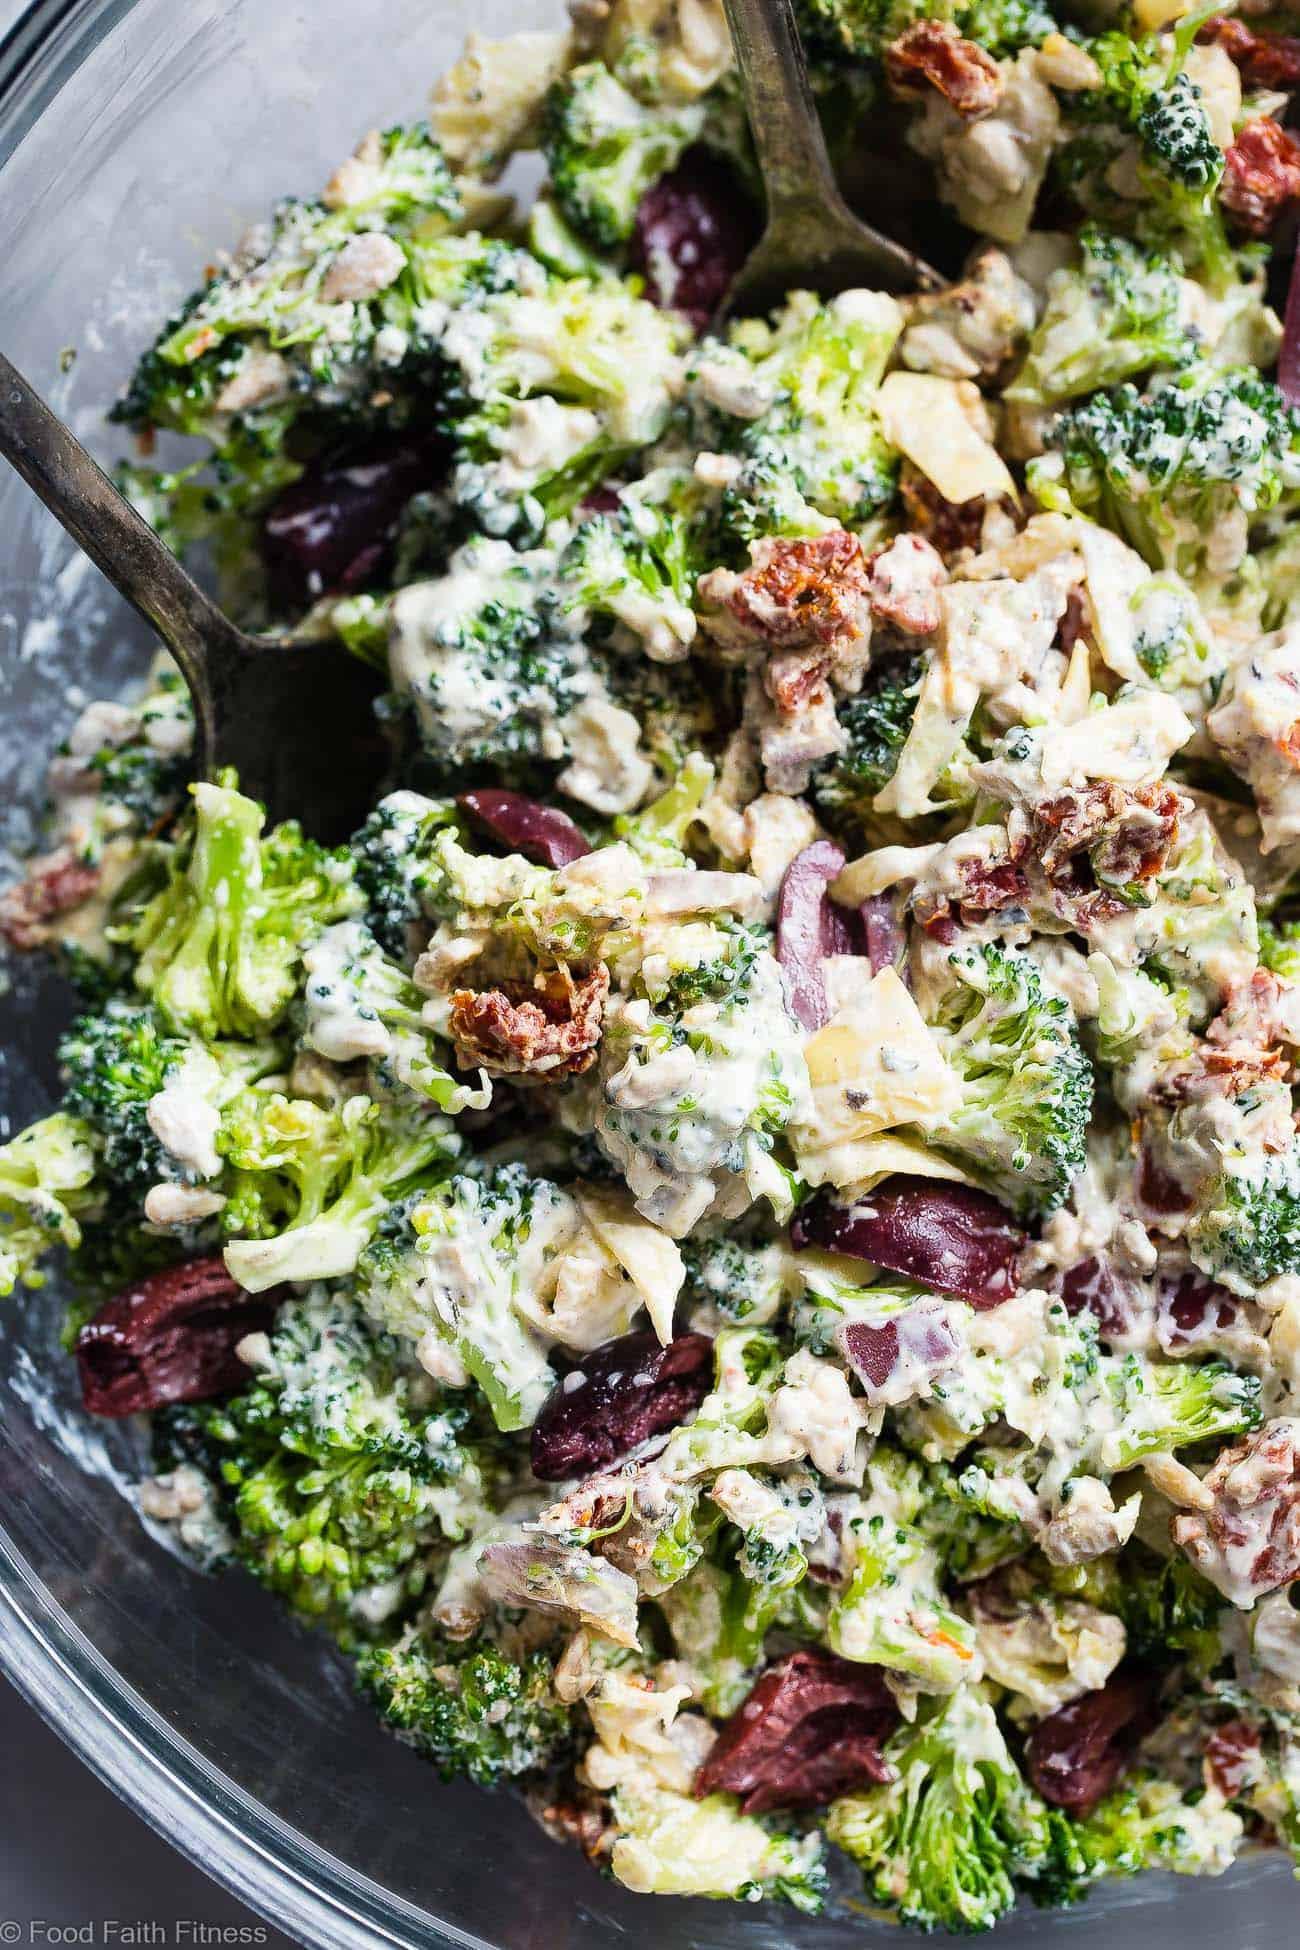 Low Carb Broccoli Salad  Easy Mediterranean Low Carb Broccoli Salad